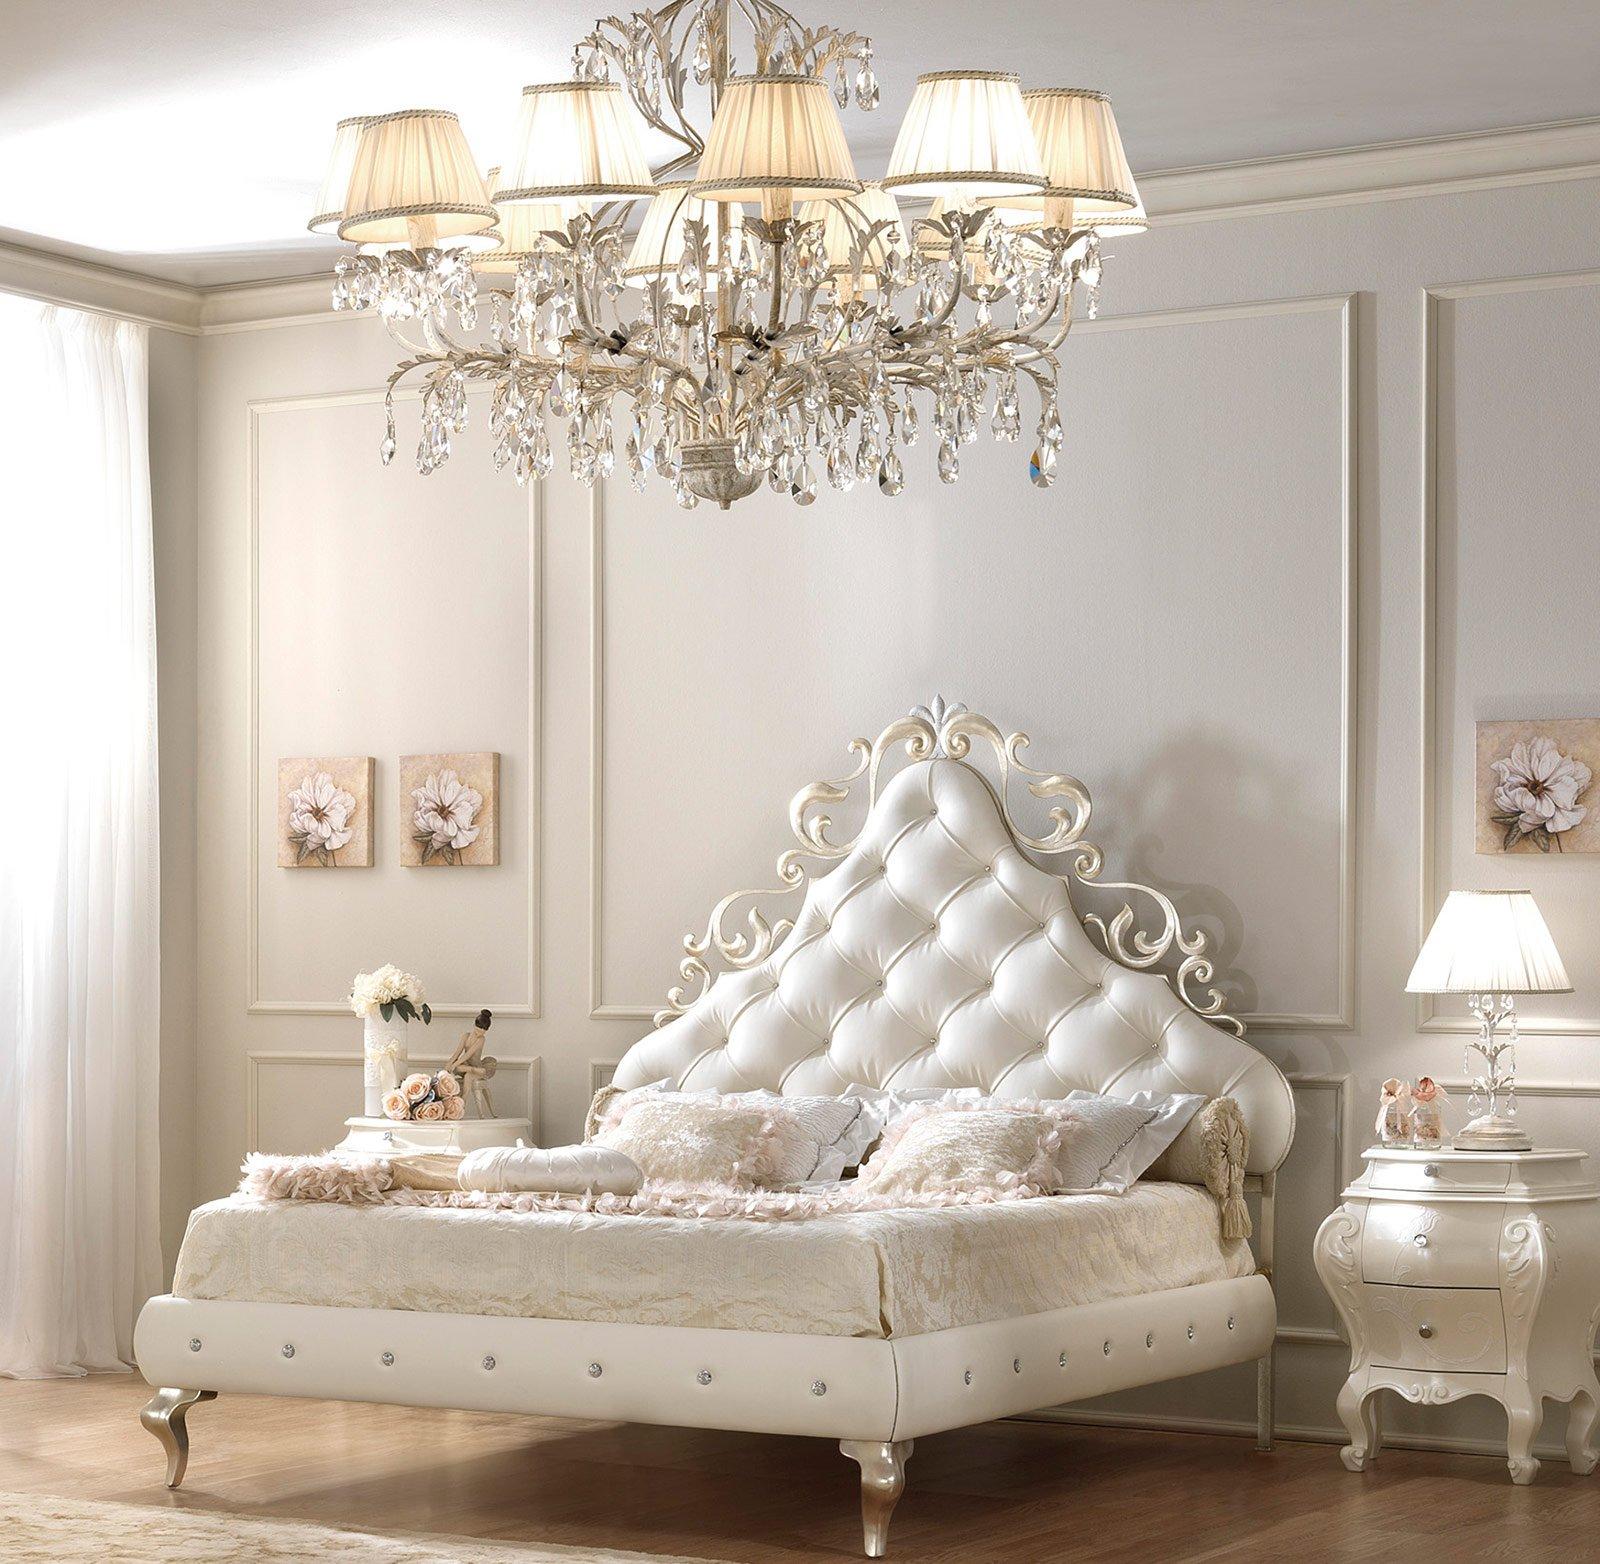 Soggiorno Stile Barocco Moderno: Mobile da bagno stile barocco ...